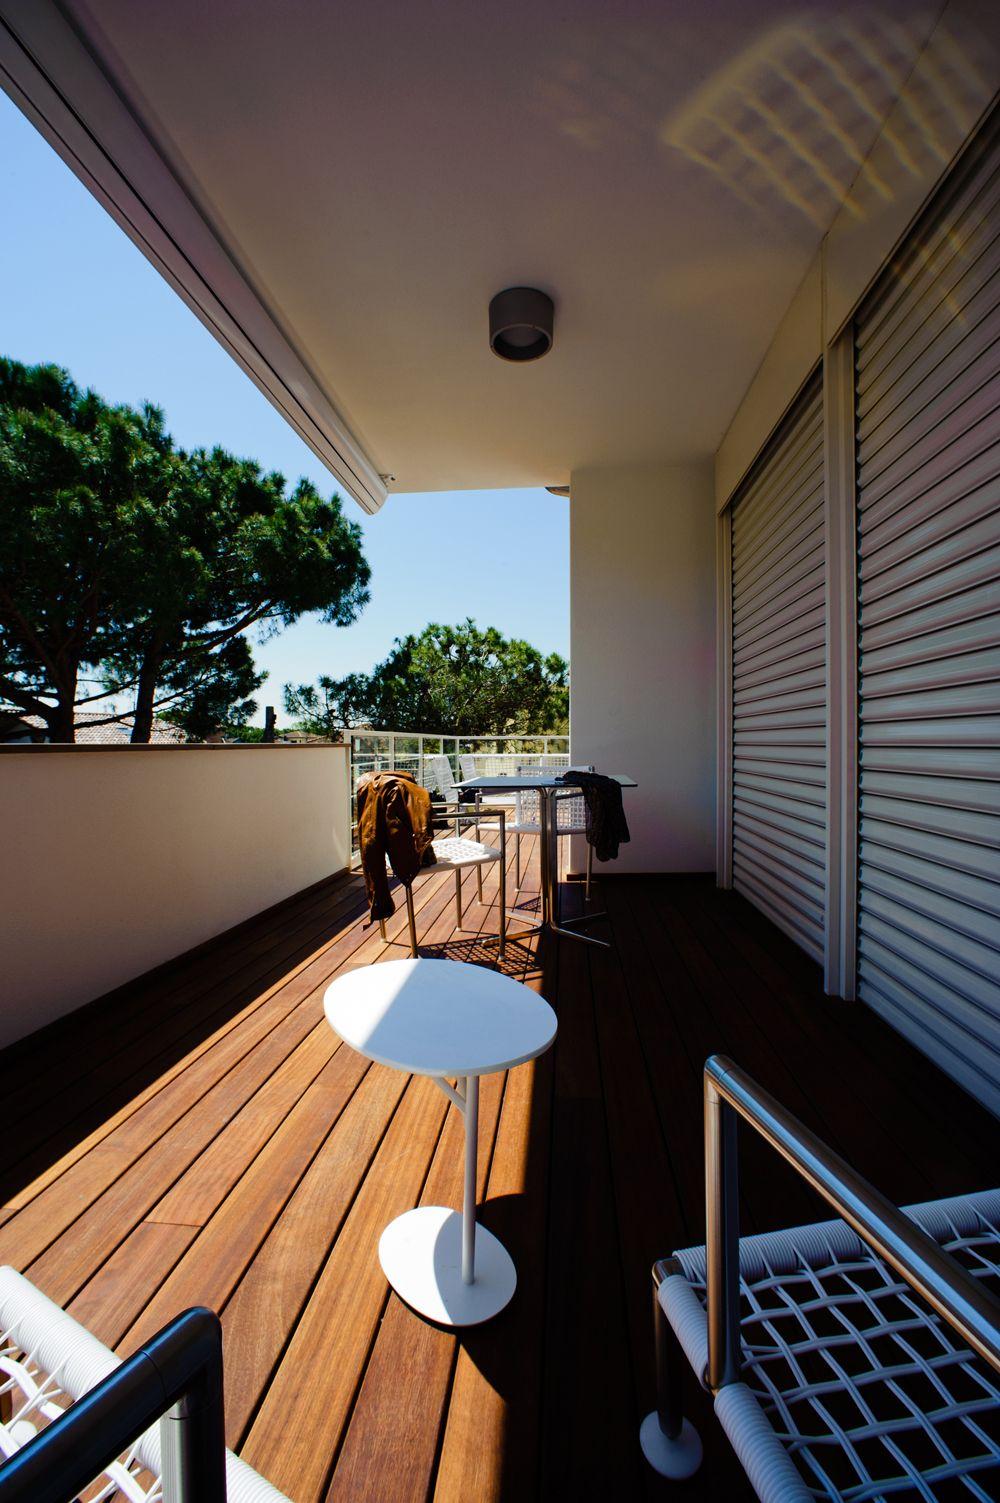 Elementi di #arredo #Outdoor #Napoli #Architettura #interiordesign ...